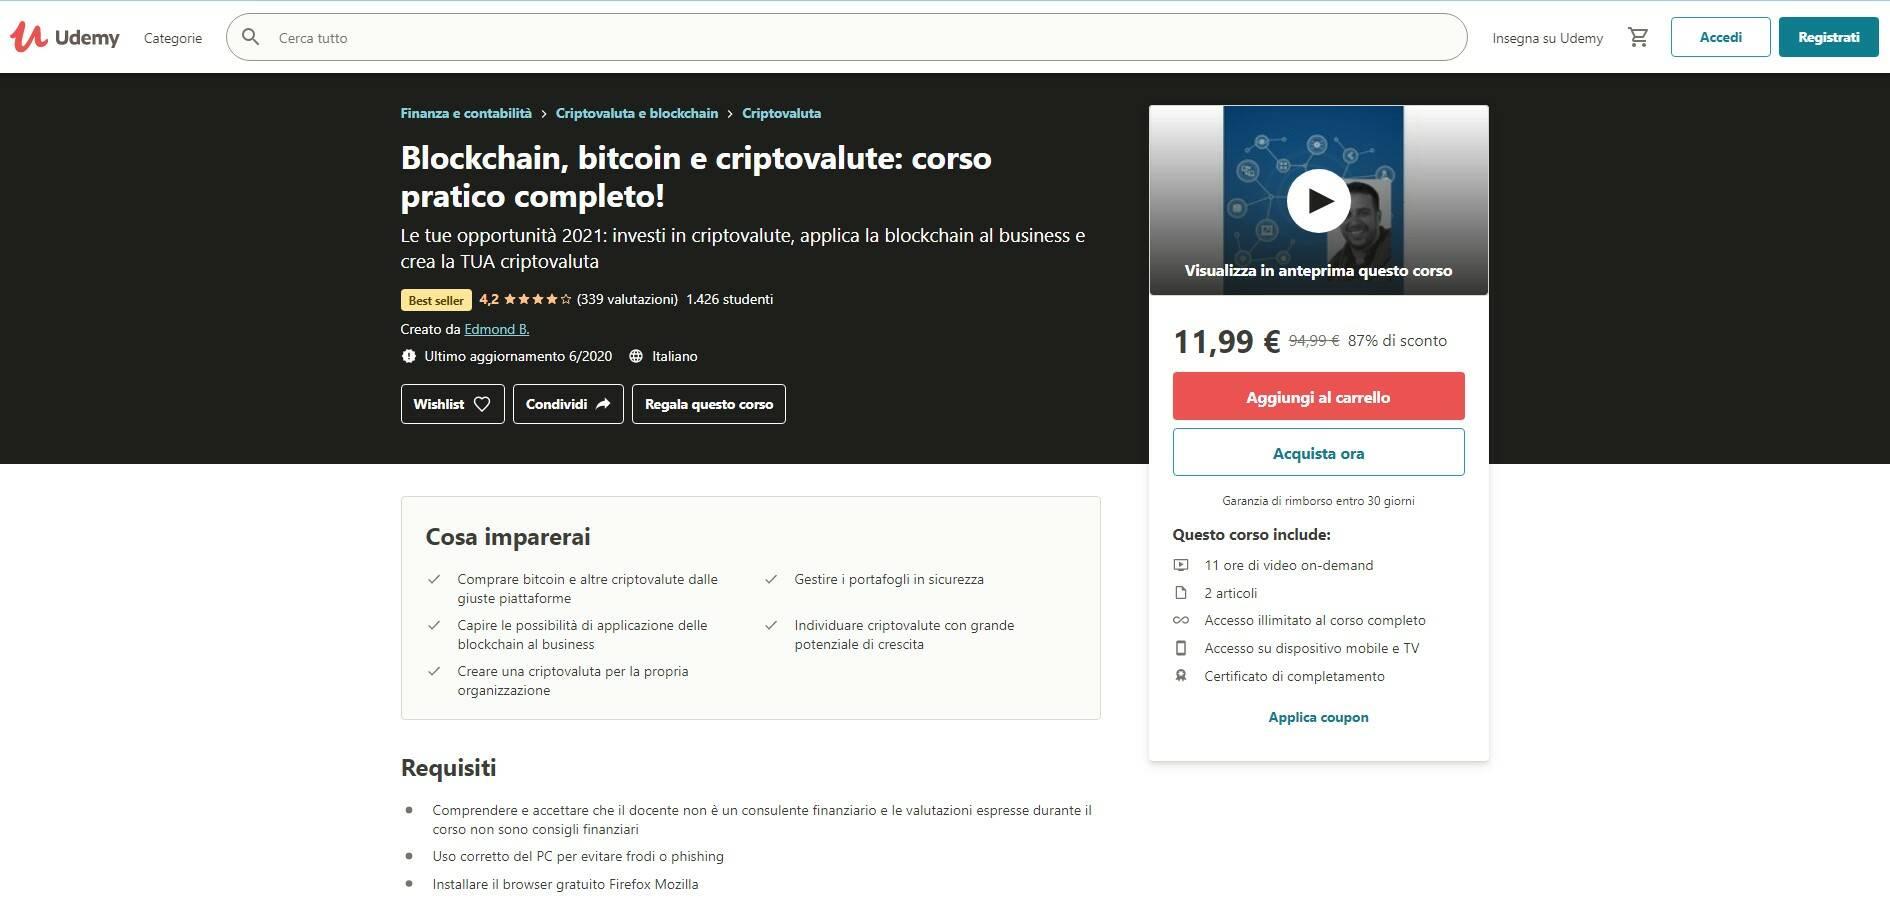 Udemy Corso Criptovaluta Blockchain